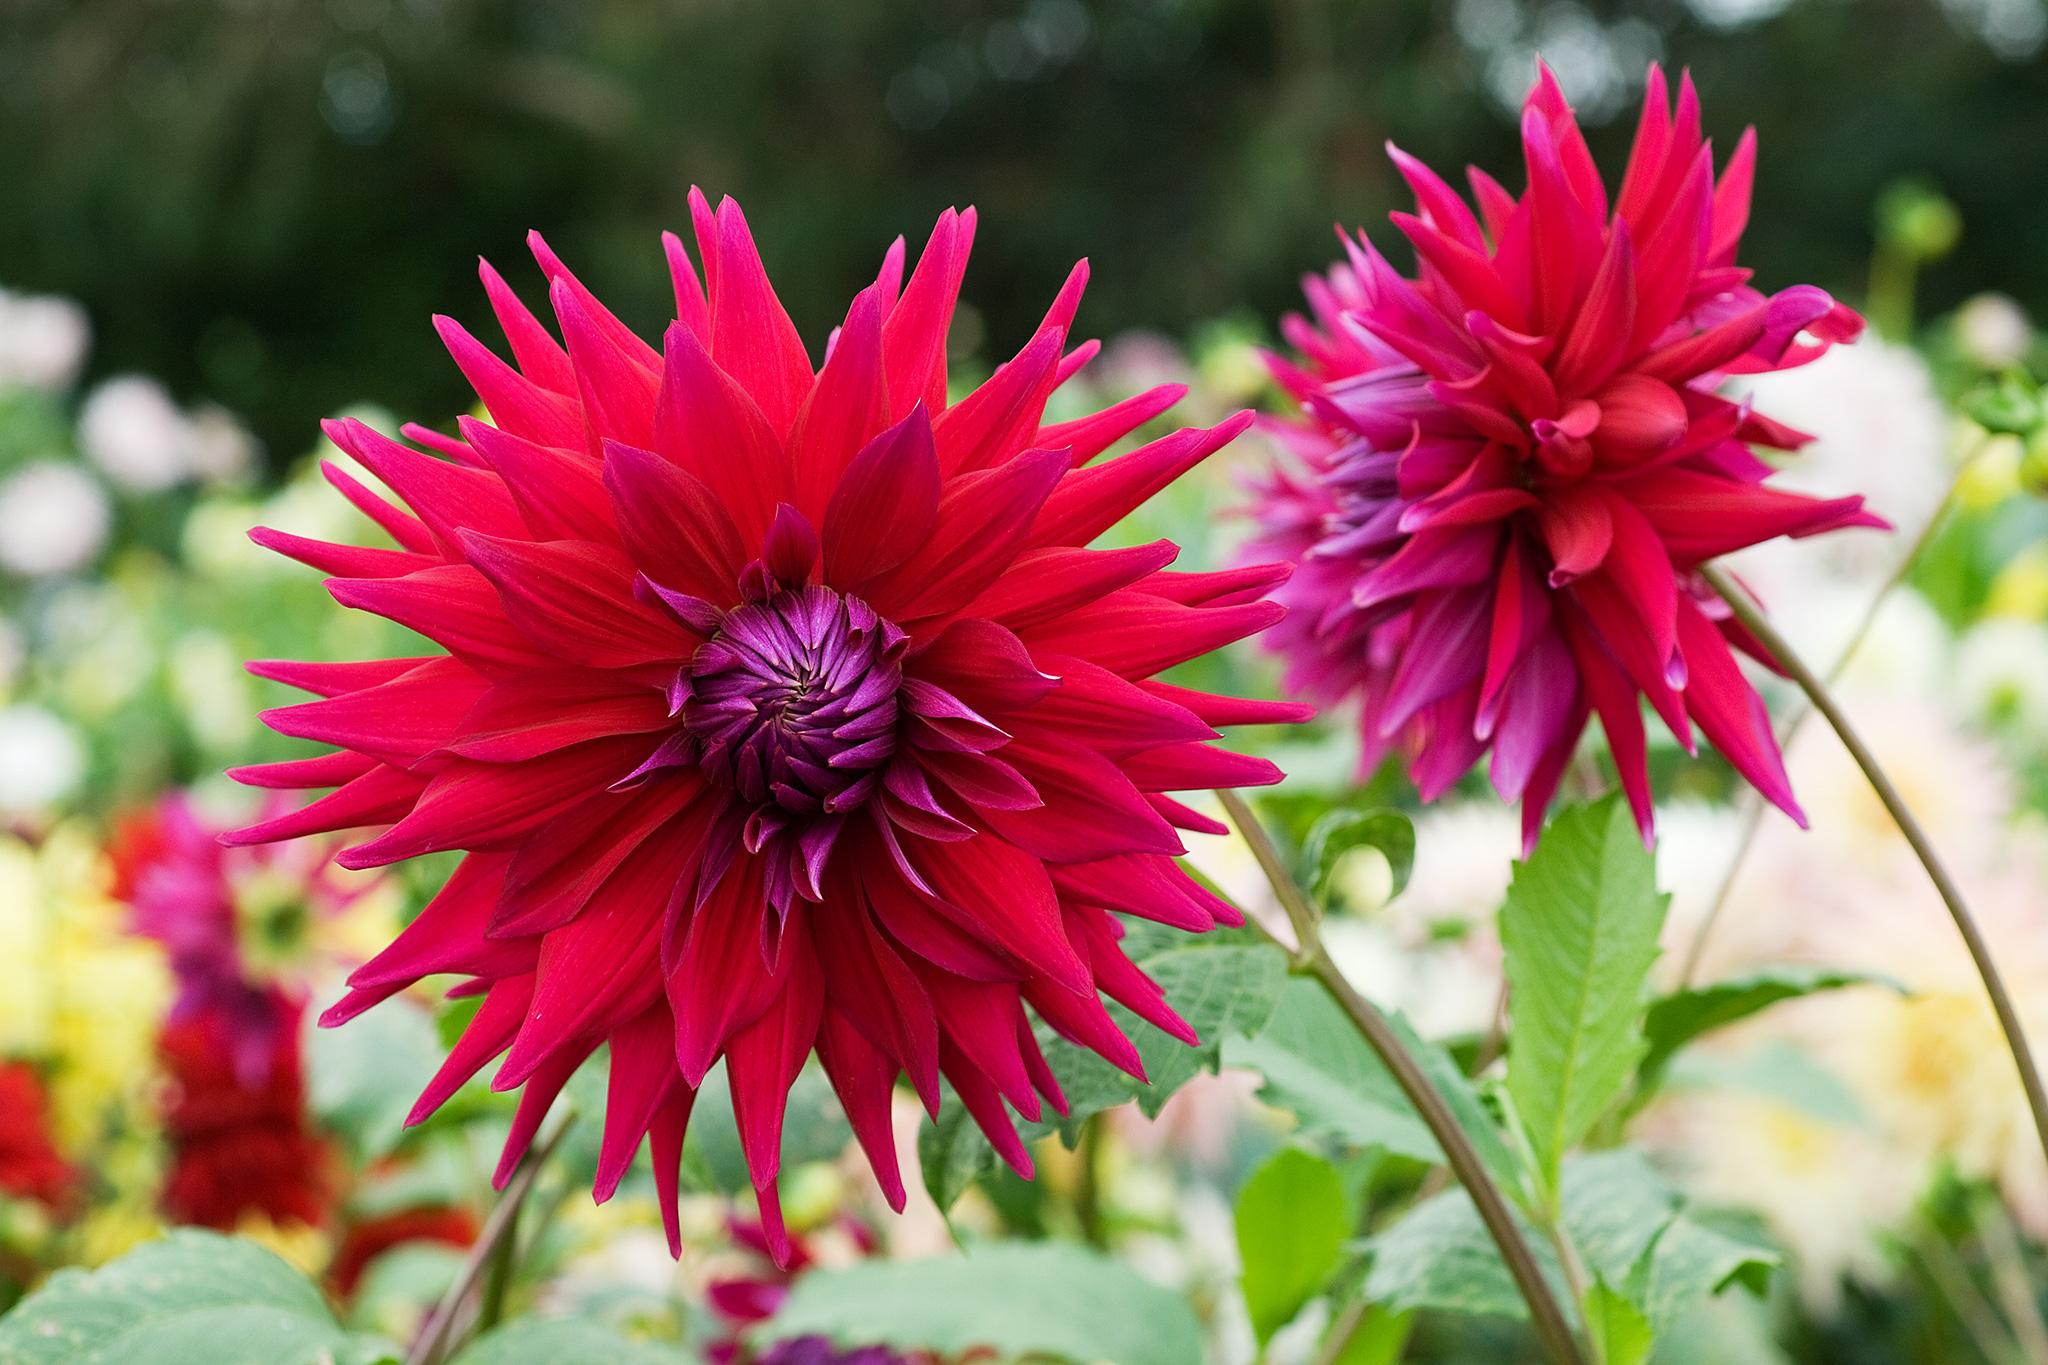 Flowers to pick in September - September